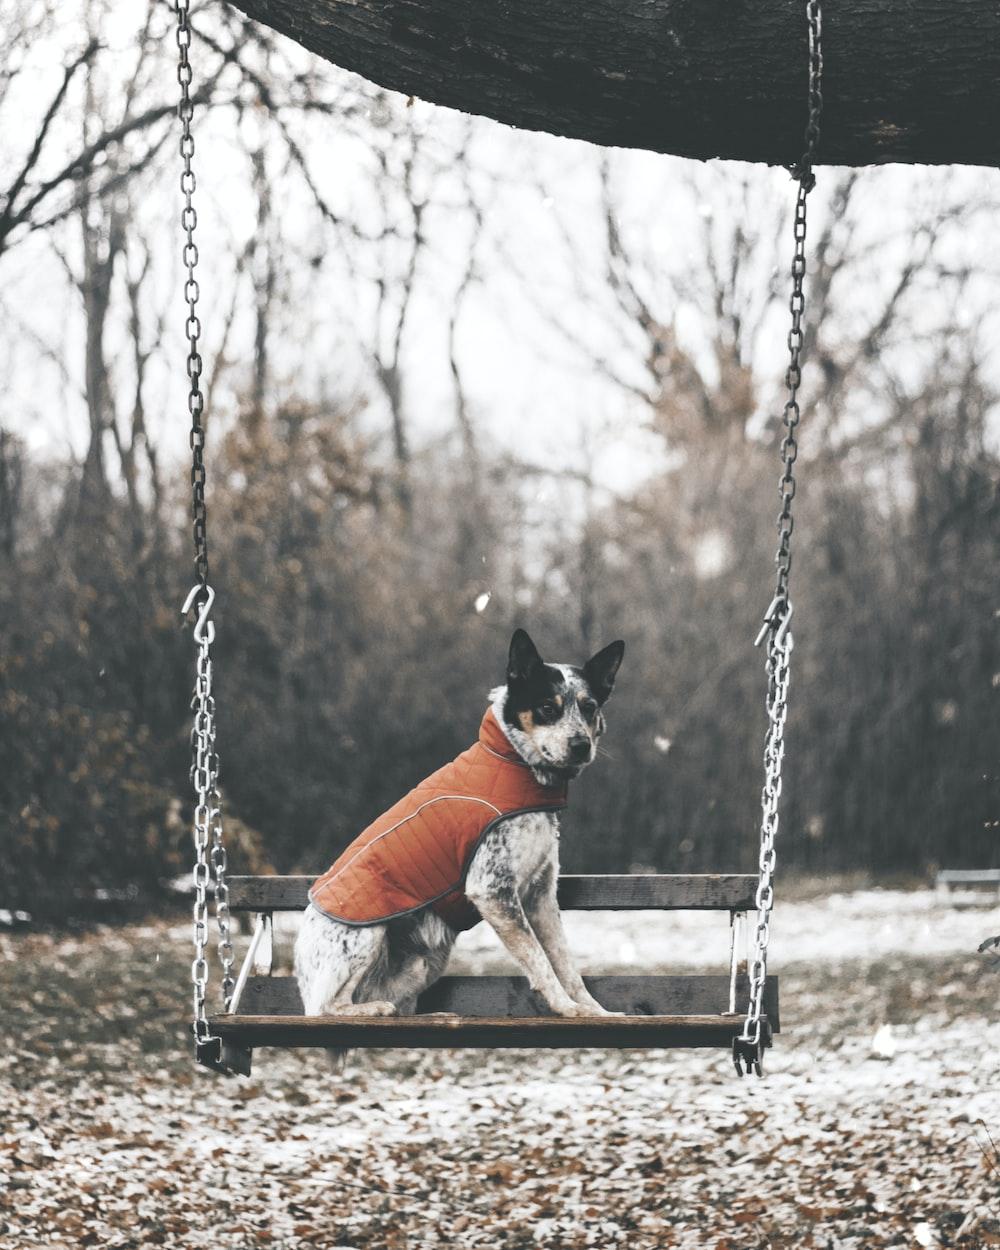 white and black dog swinging